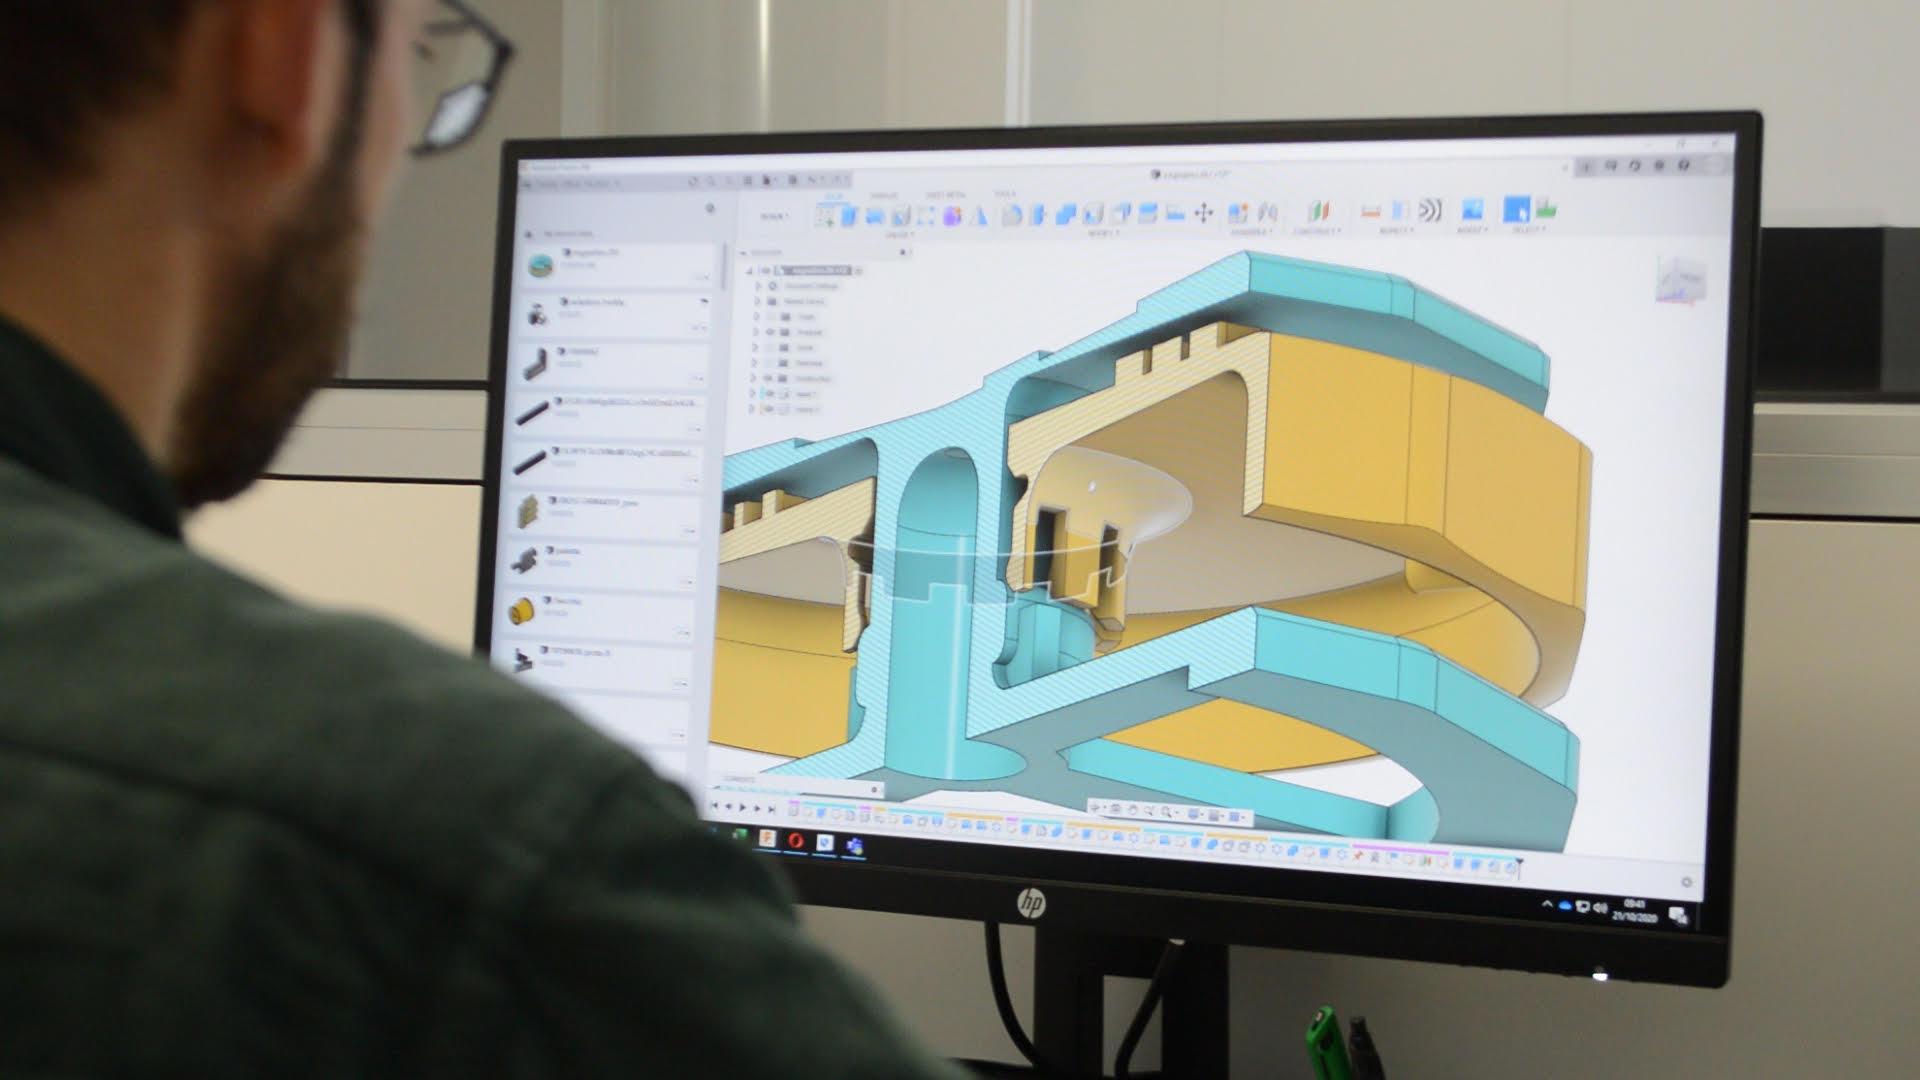 Il prossimo 20 luglio 3dpbm terrà un webinar con Treddy, service di stampa 3D pensato per le esigenze del settore industriale e non solo